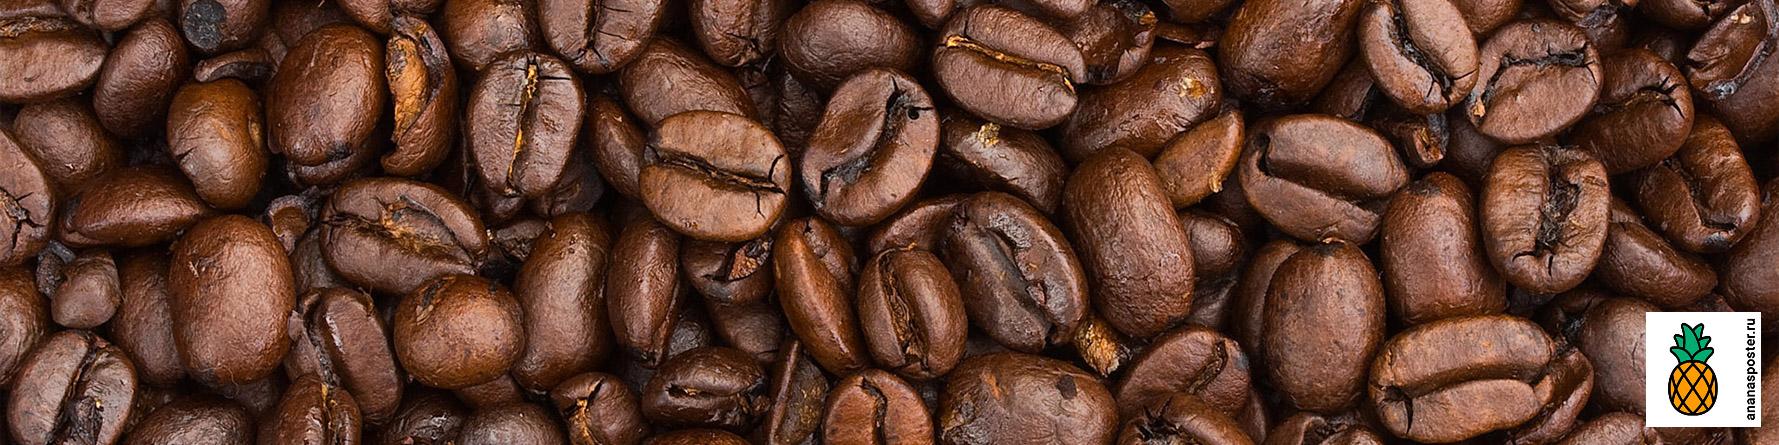 Постеры (плакаты) для кофейни, с кофе.